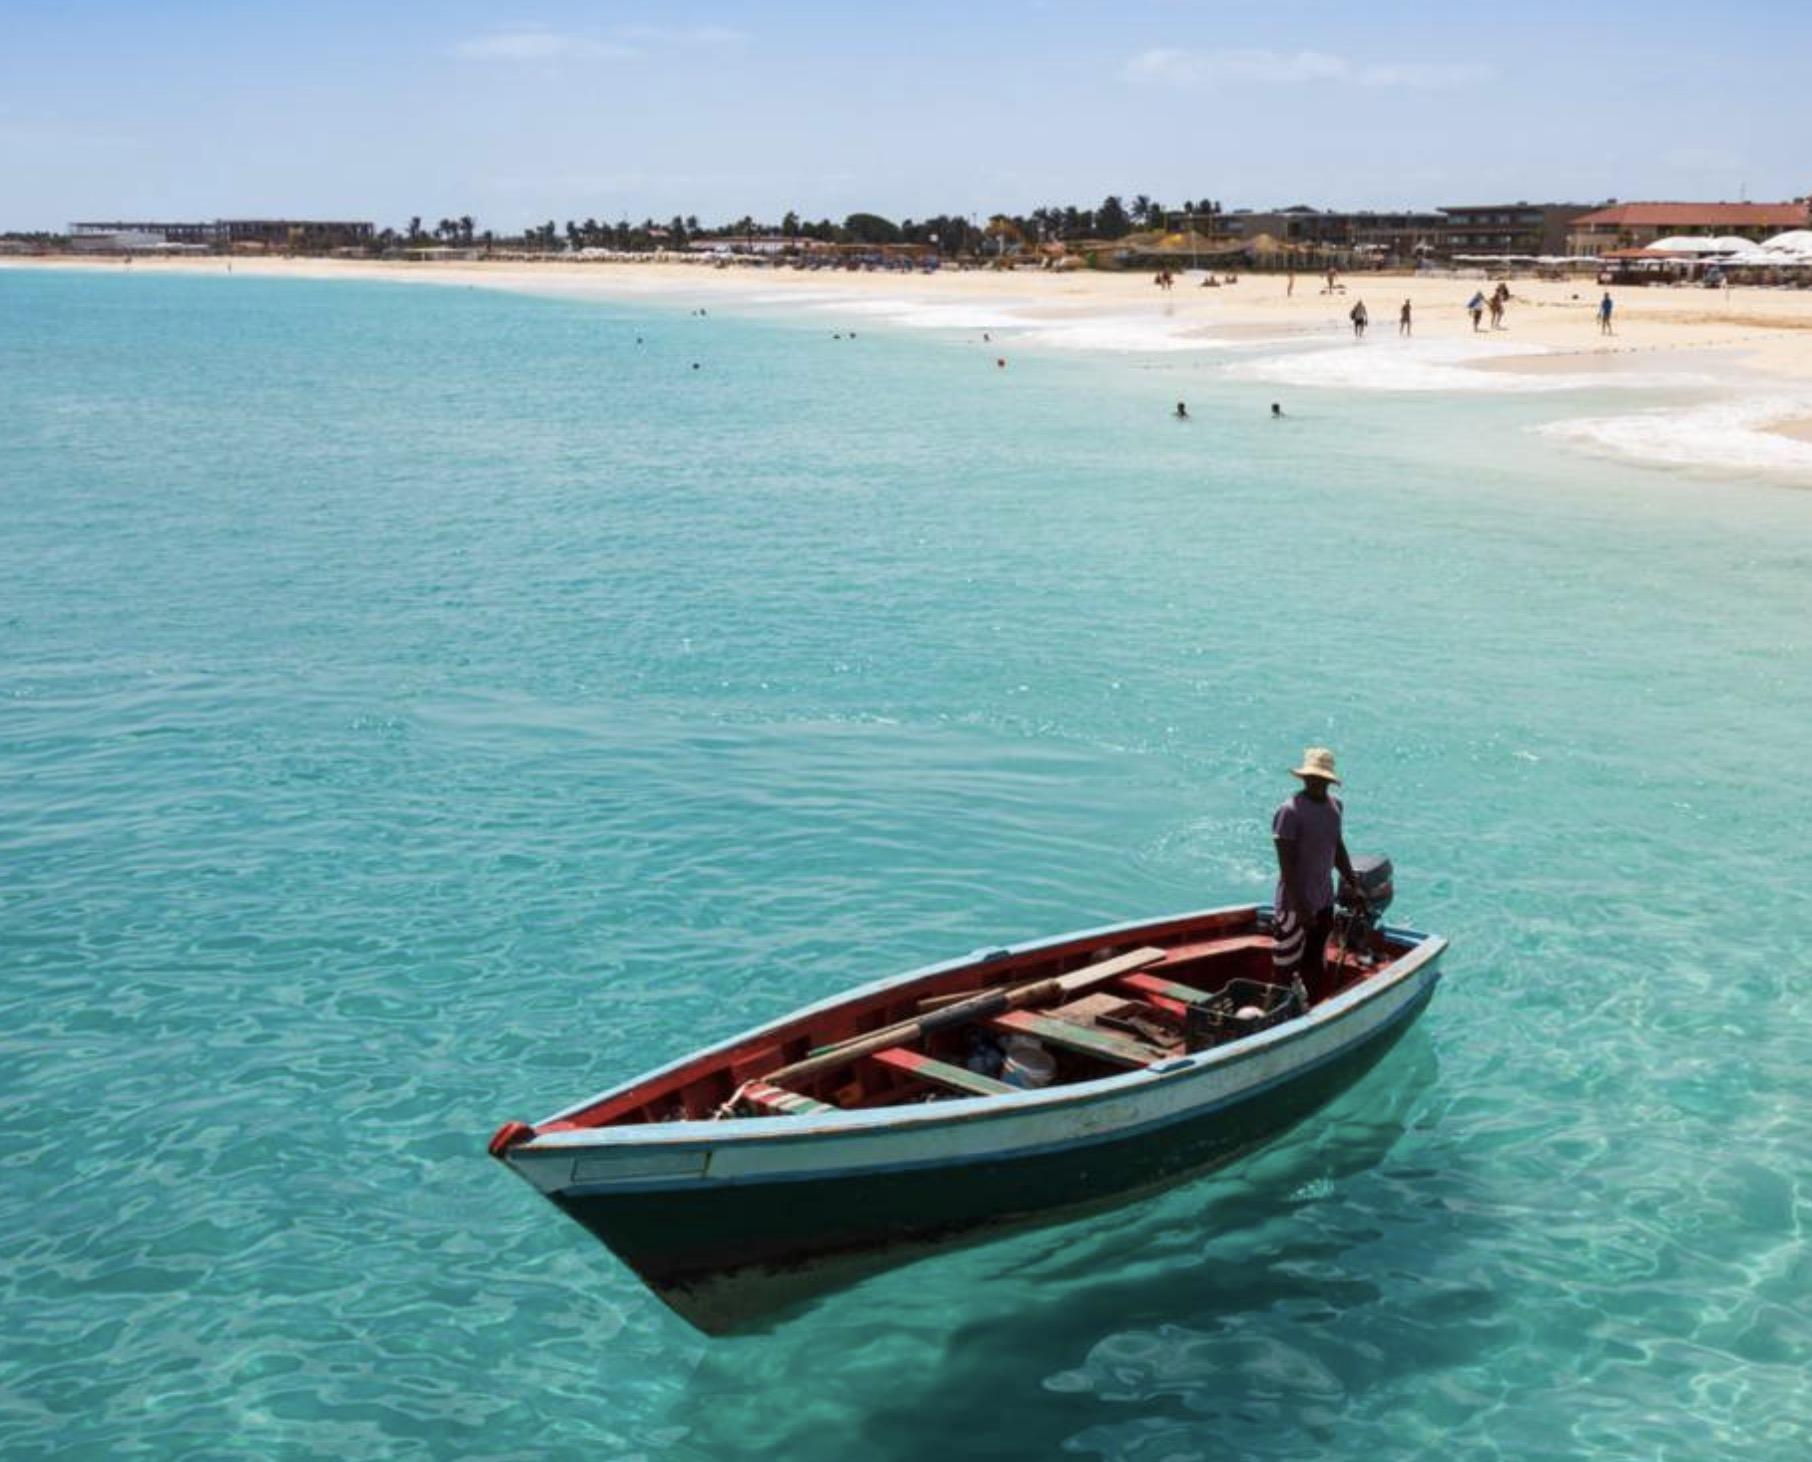 Code promo GEO : Un voyage aller-retour pour deux personnes au Cap Vert